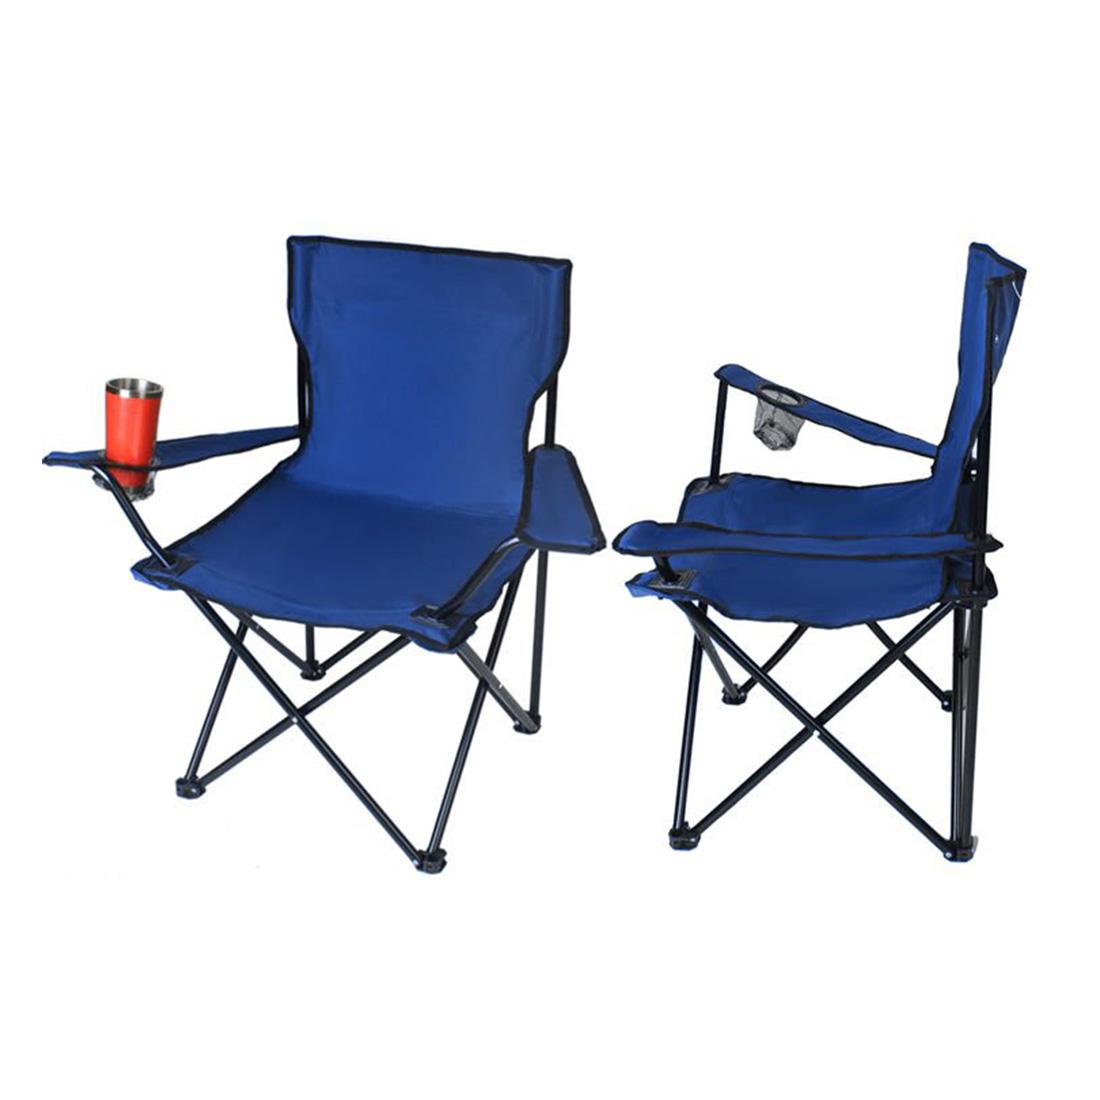 Italtartós kemping-horgász szék kék színben